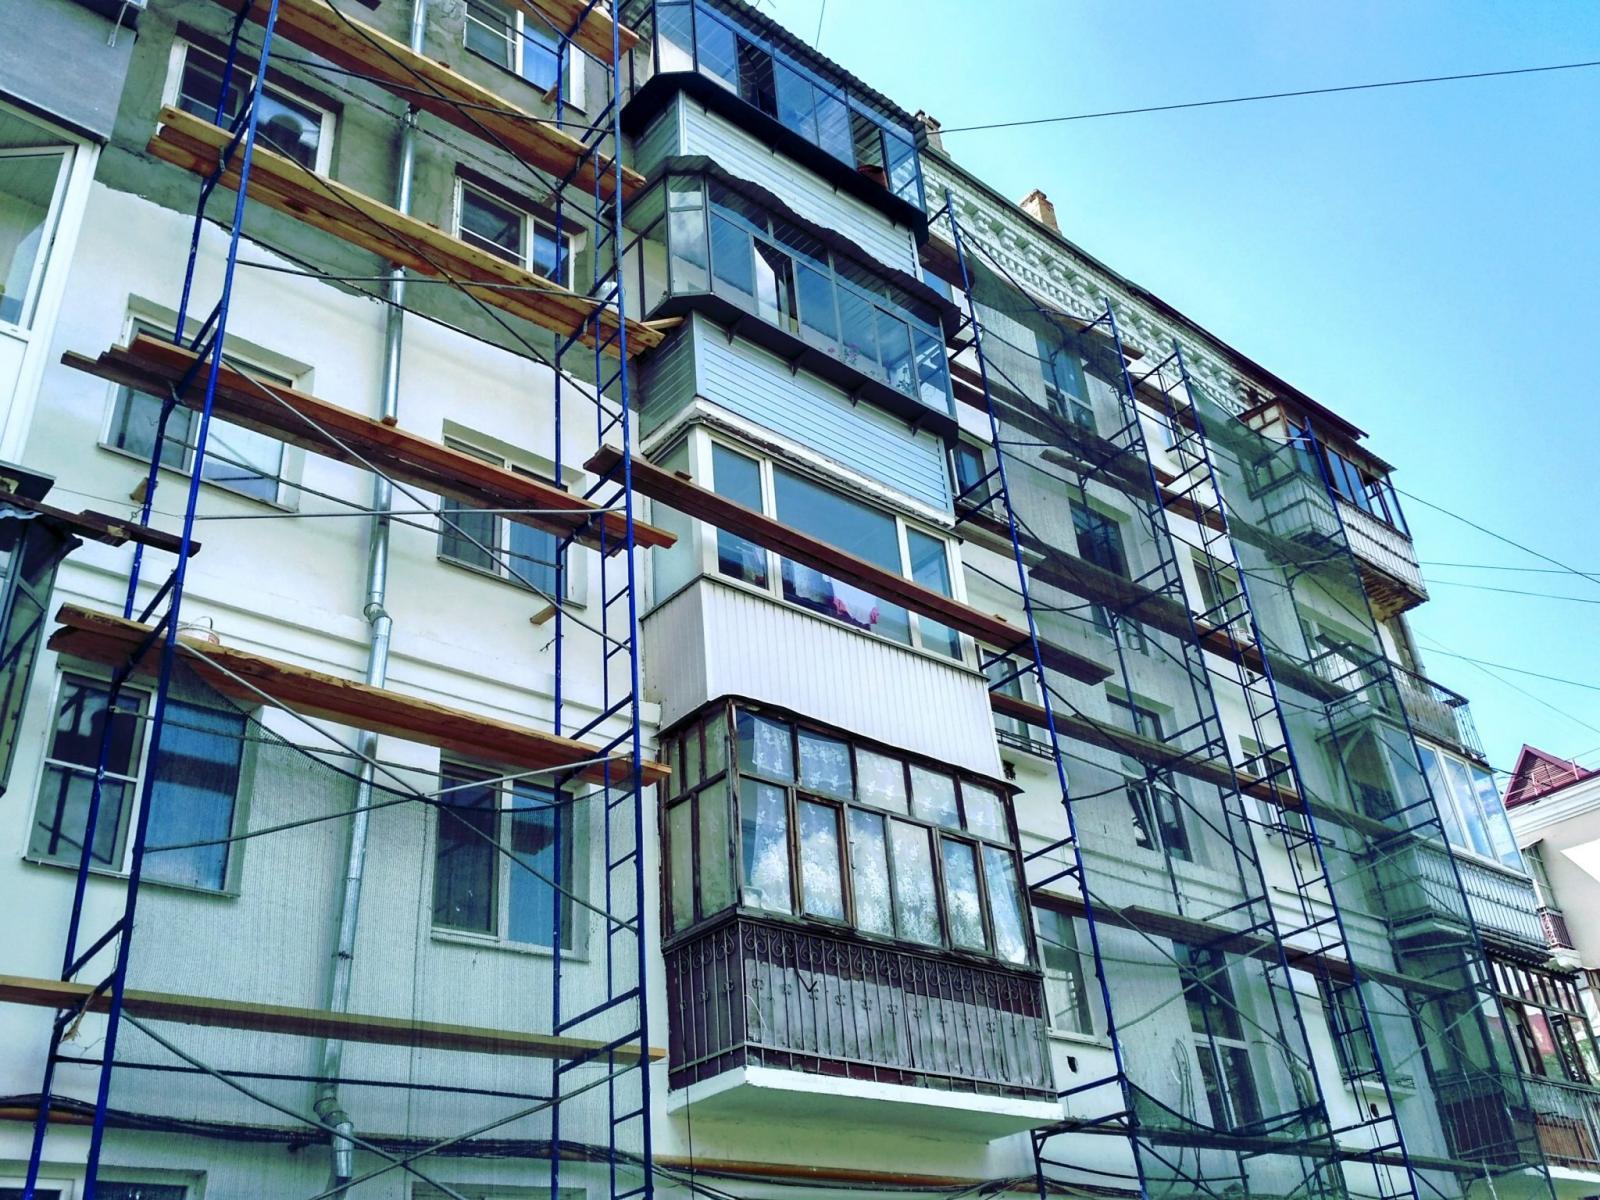 До конца 2021 года в 122 многоквартирных домах Брянска проведут капитальный ремонт